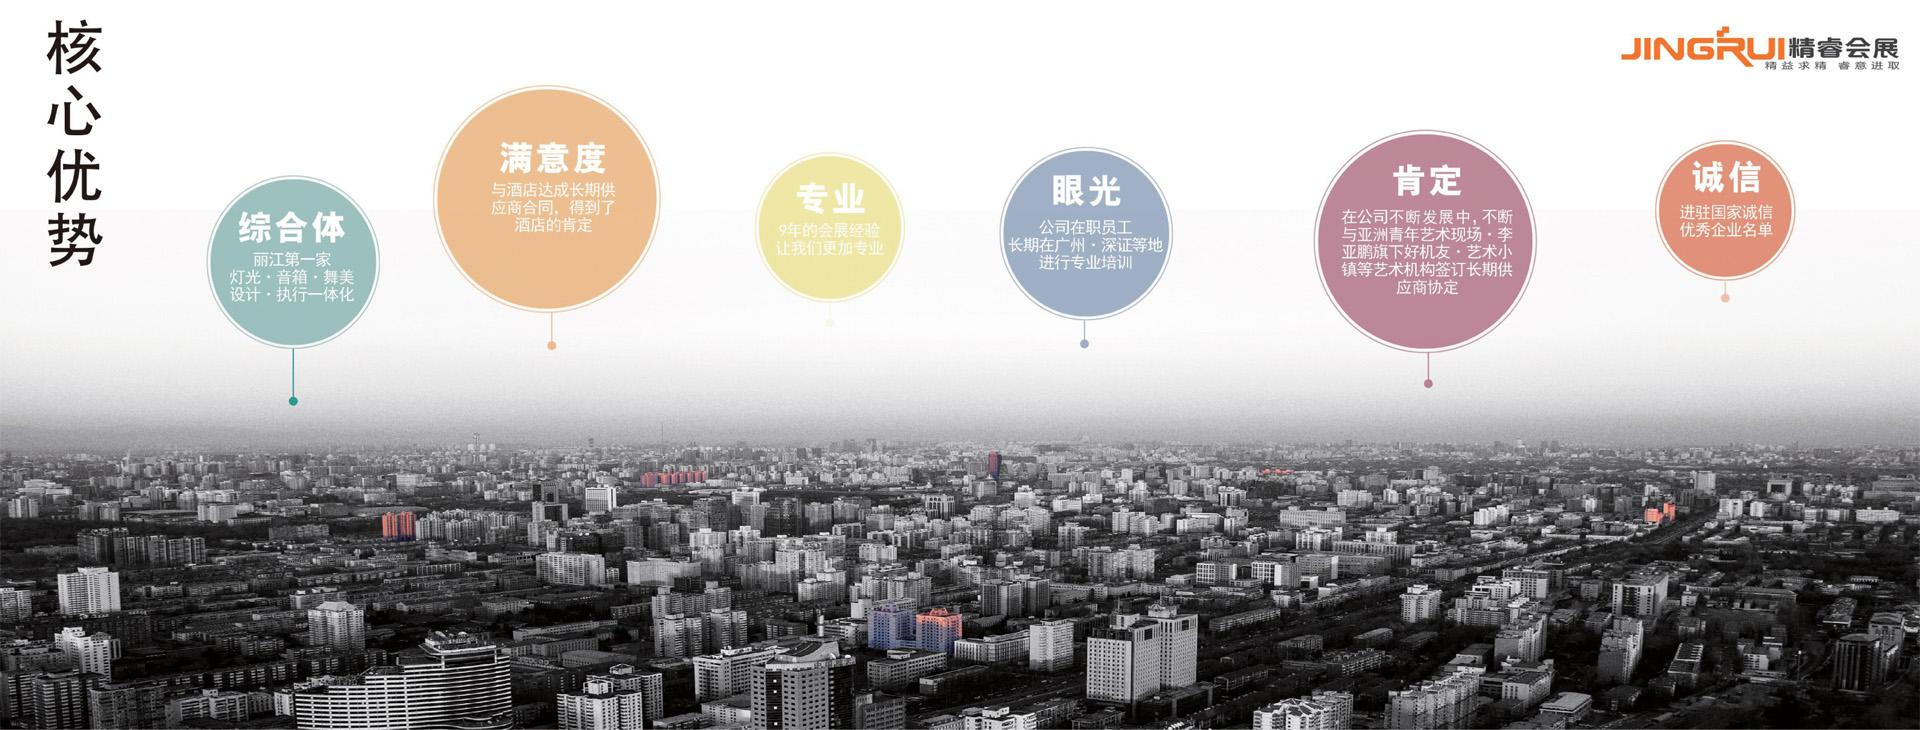 丽江文化传播